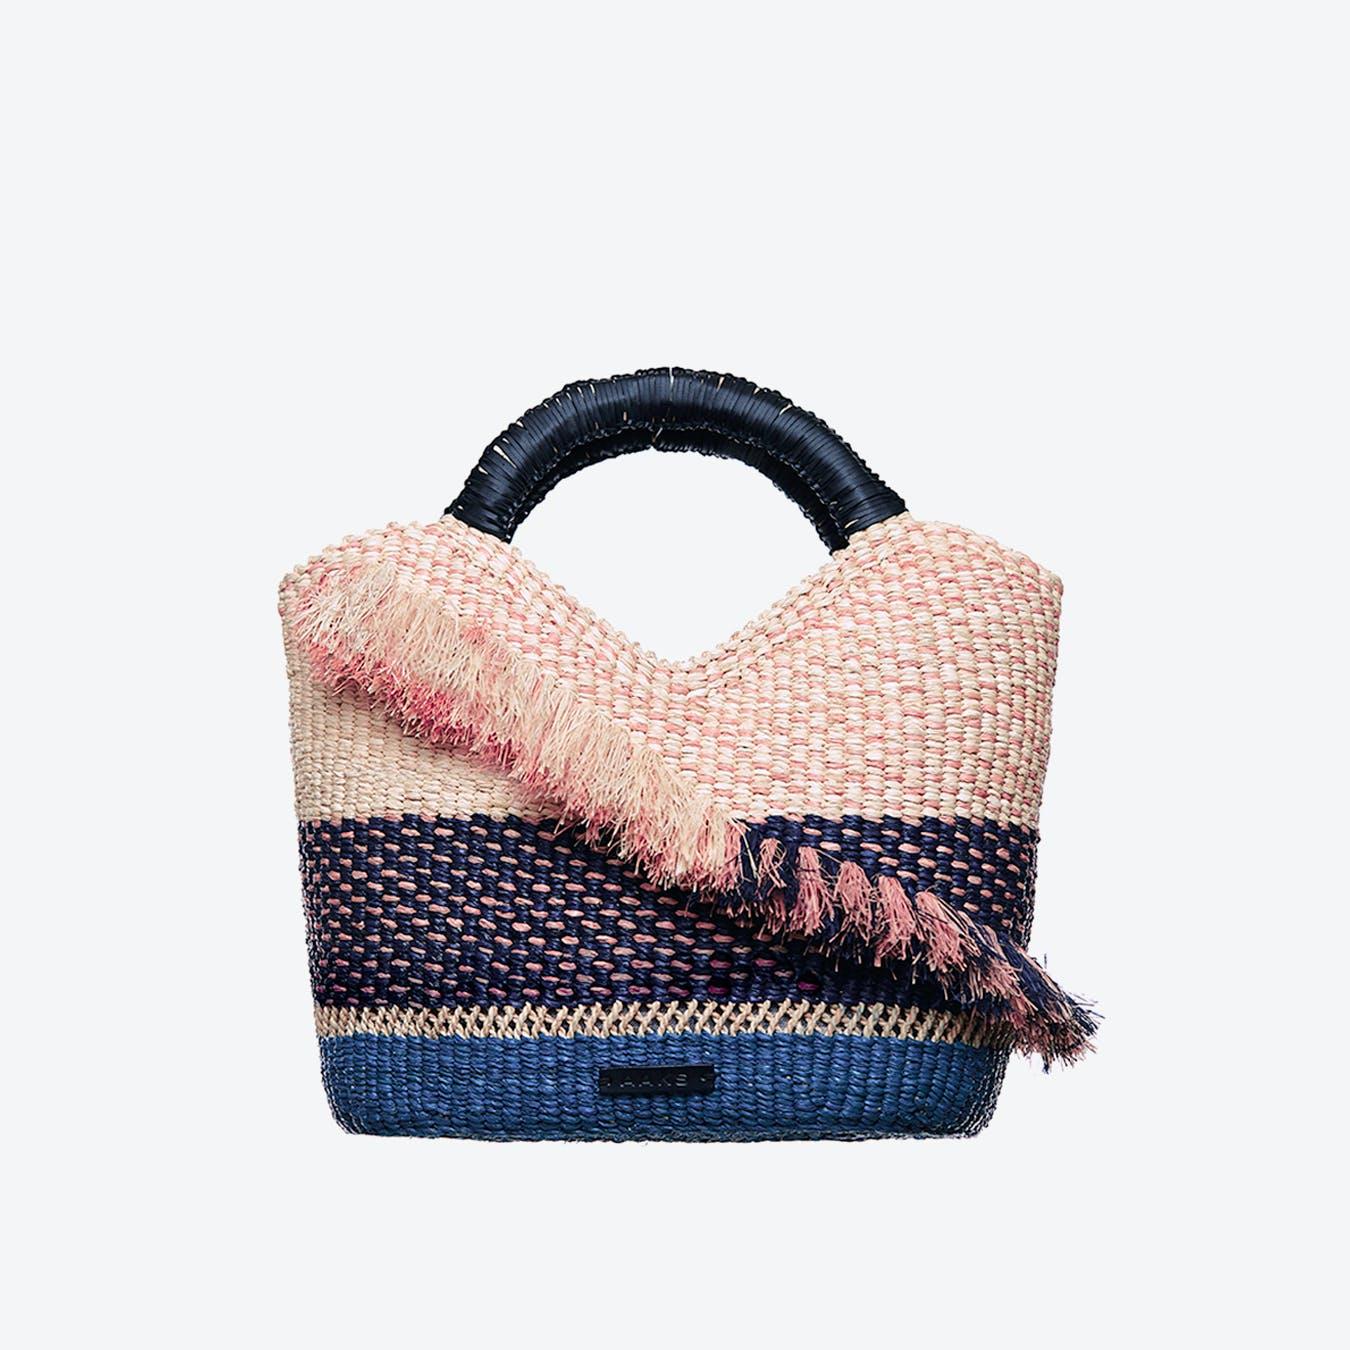 Oroo Natural Tote Bag